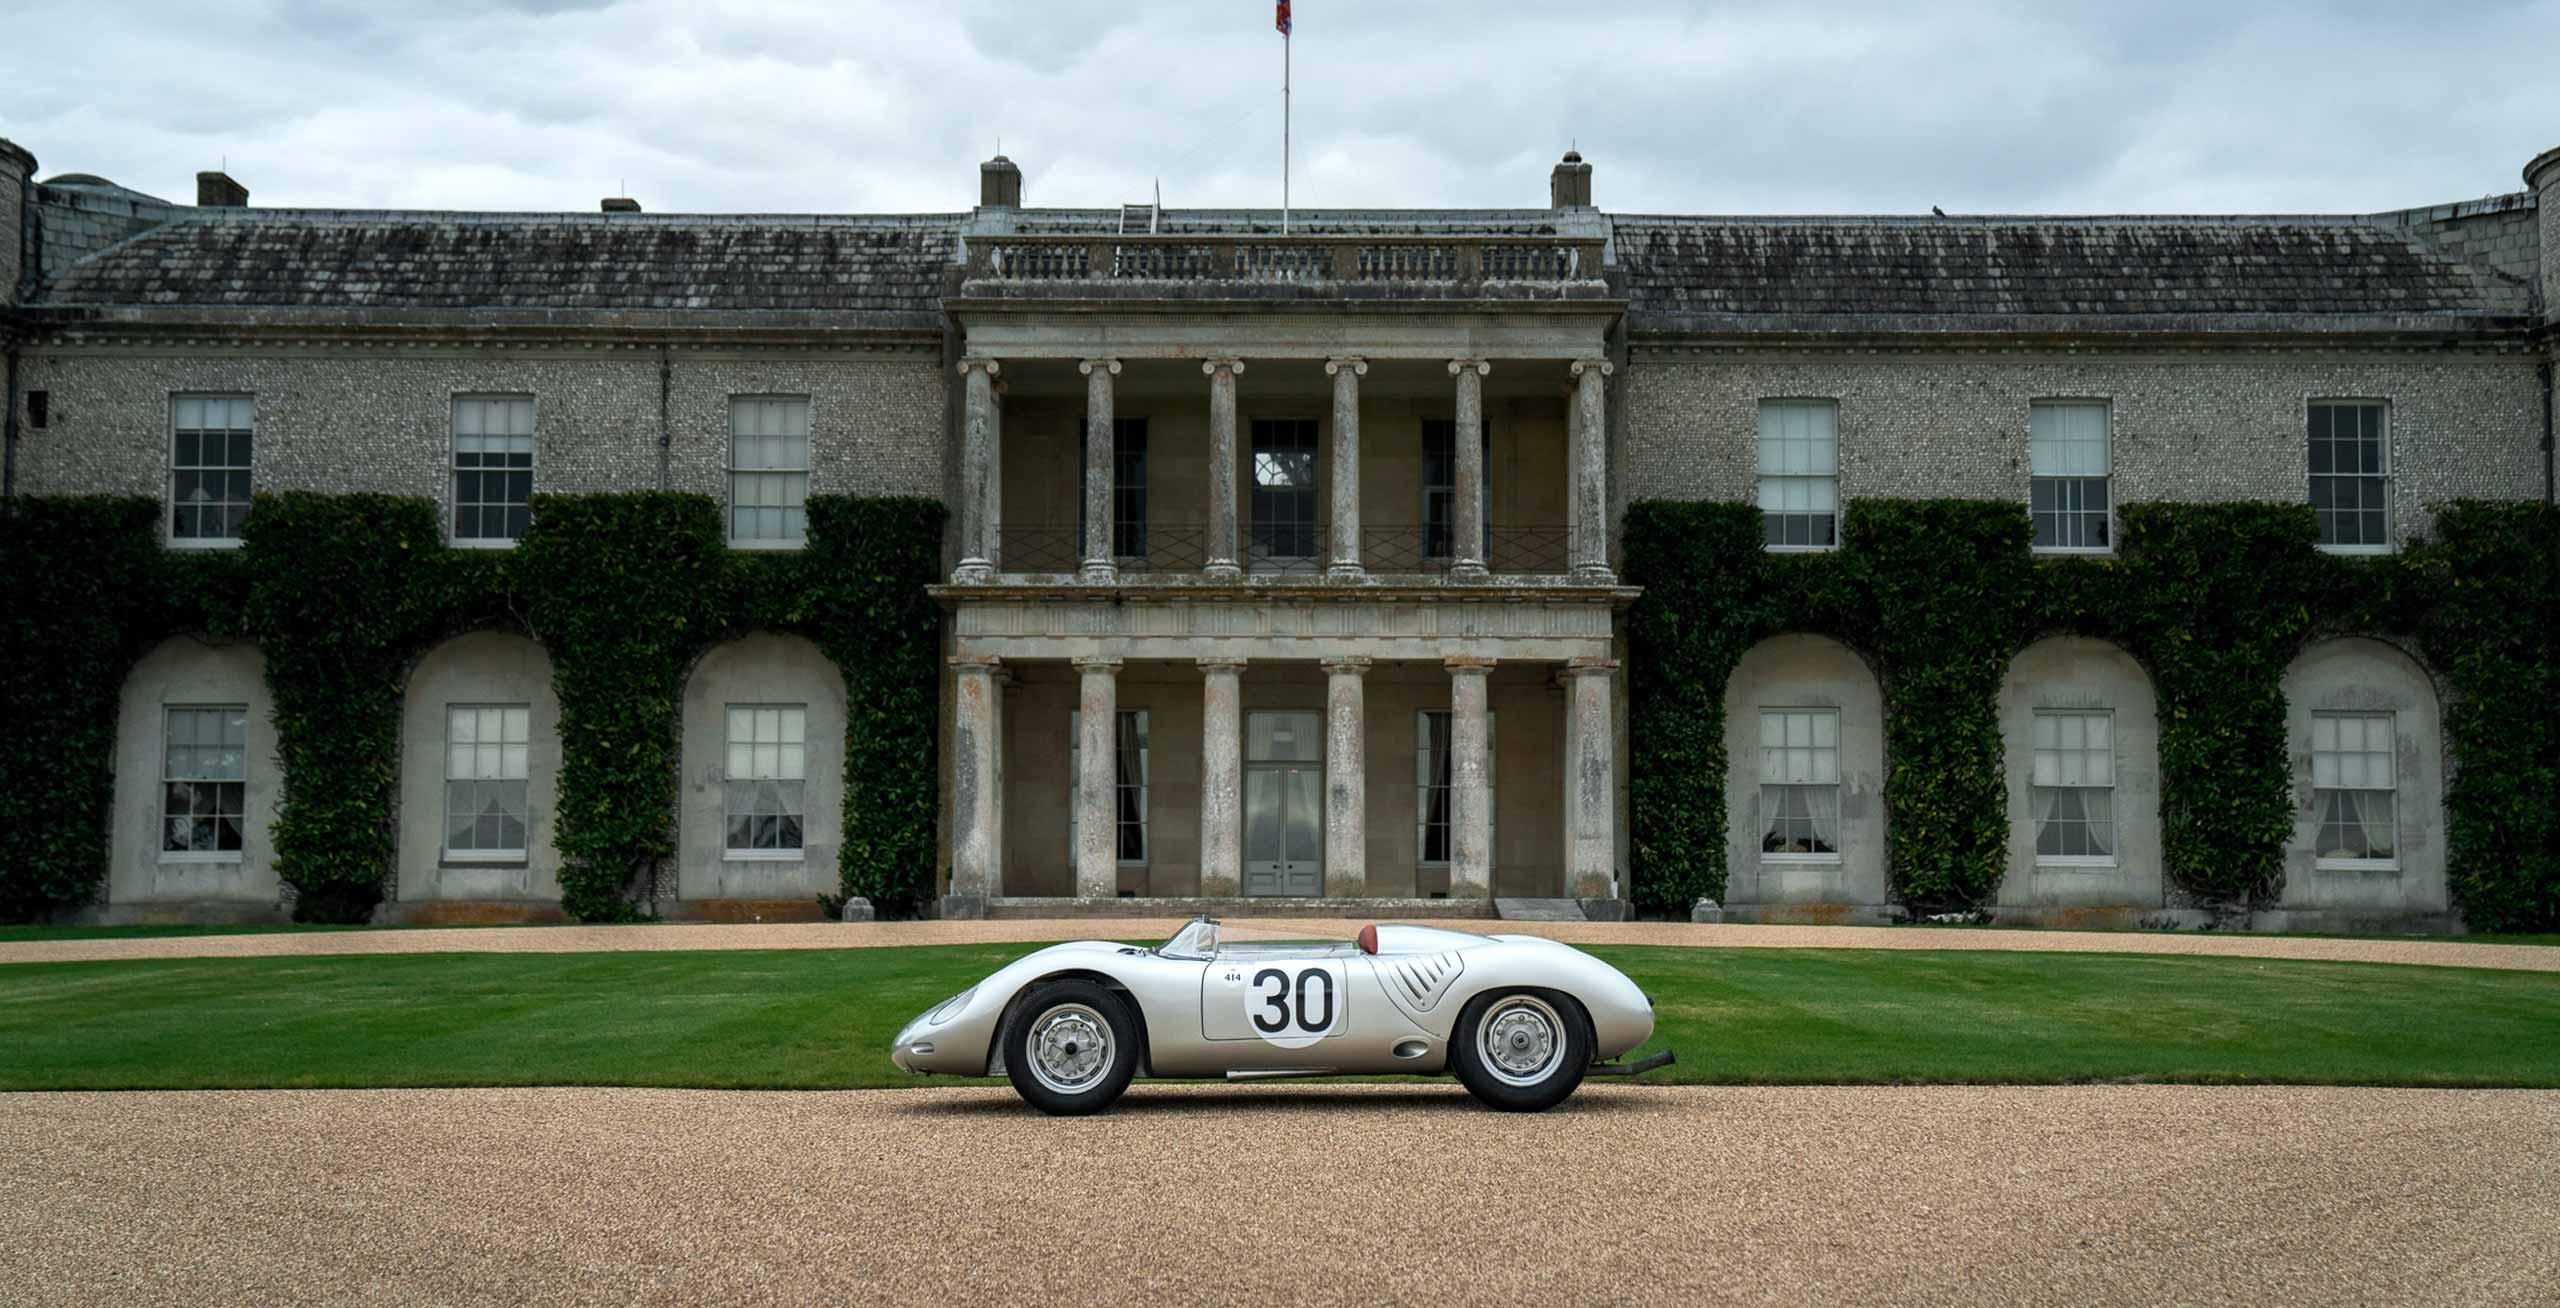 1958 Porsche 718 RSK